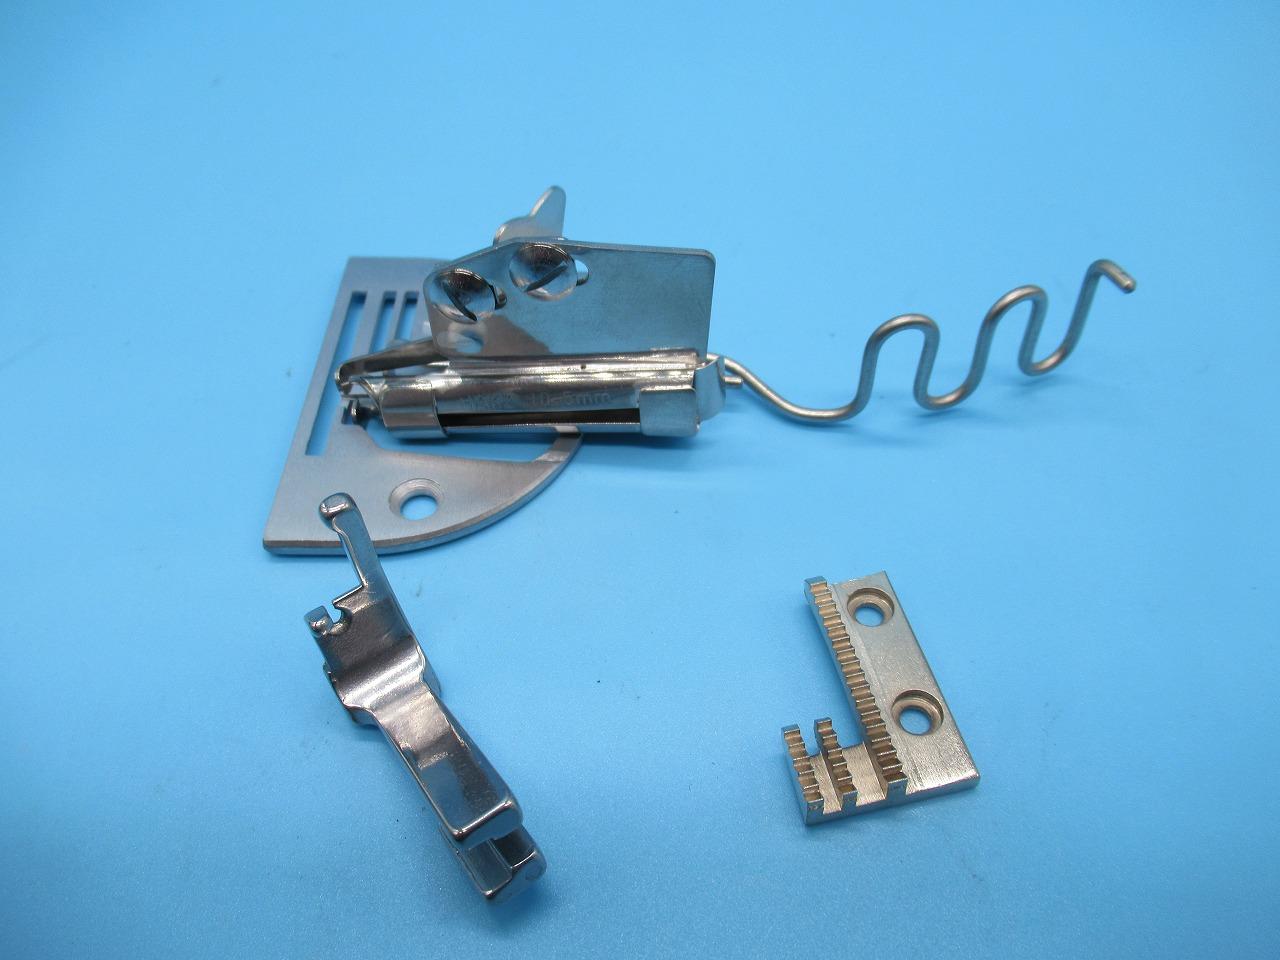 新品 HASHIMA HAK2 10-5mm 大人気 各メーカー1本針本縫いミシンに取り付けてお使いいただけます テープ幅10mm 仕上がり幅5mmの2つ巻きバインダーです 贈答品